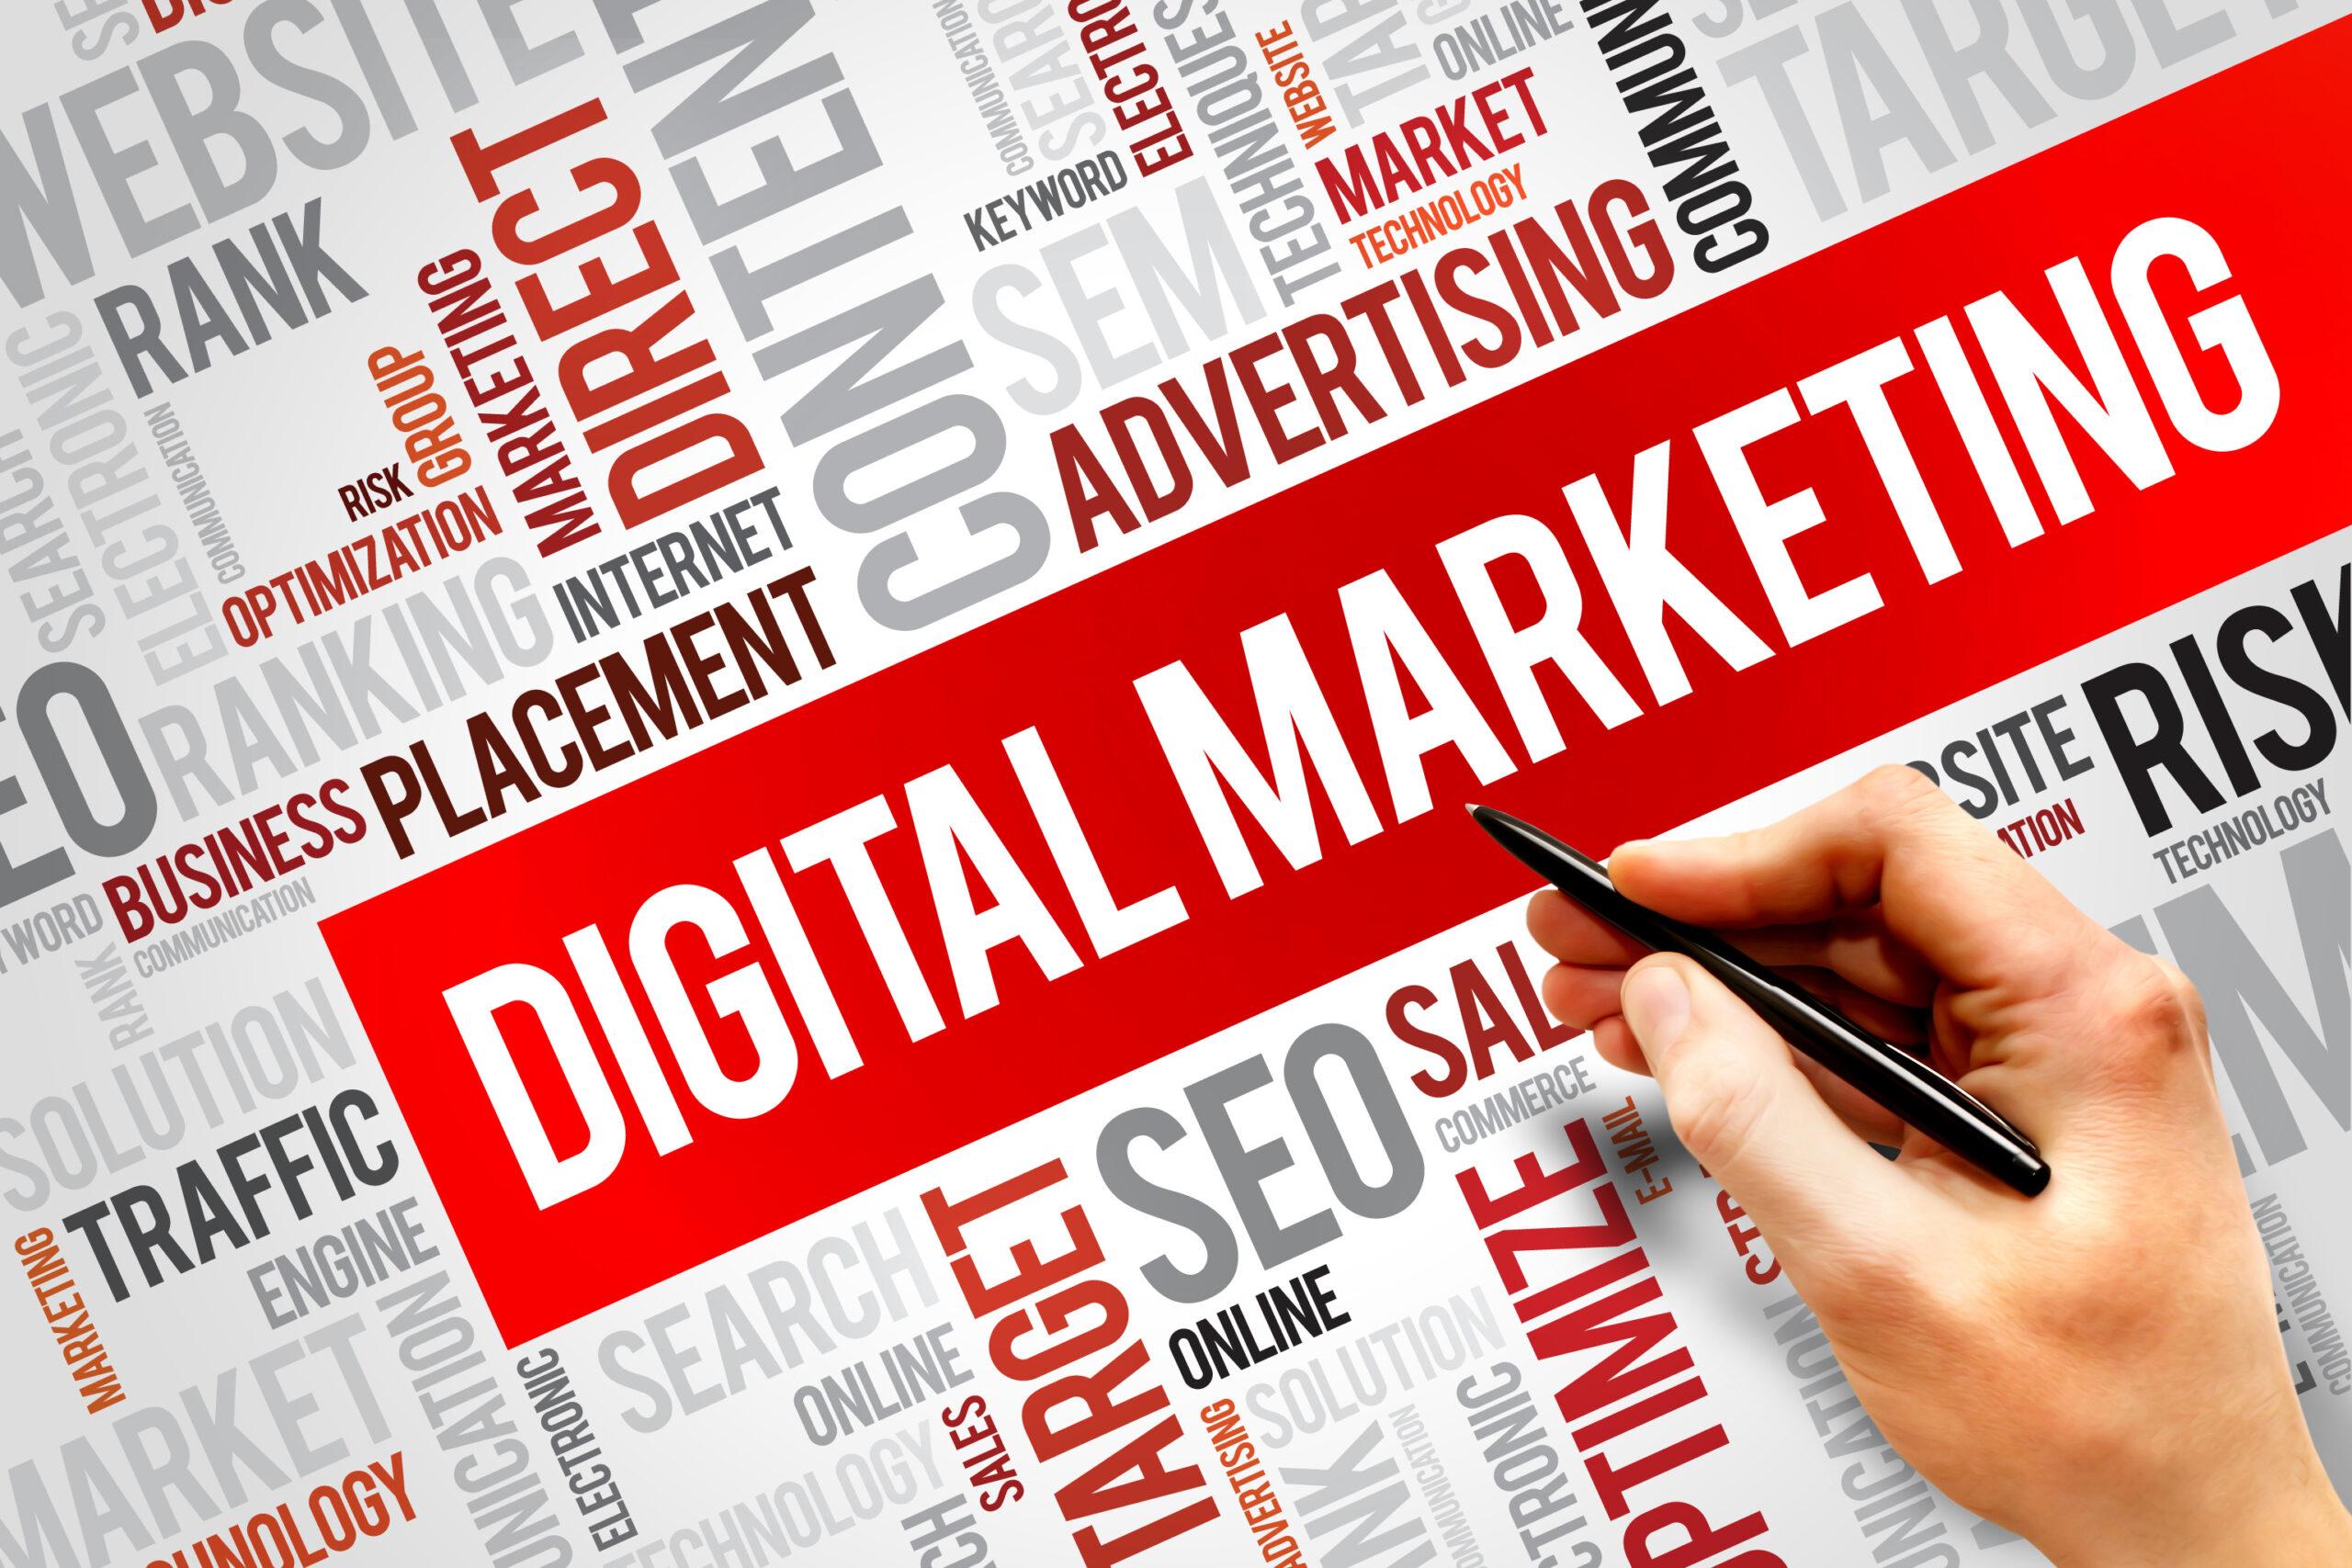 Marketing-ul online devine și mai important pe timp de criză!